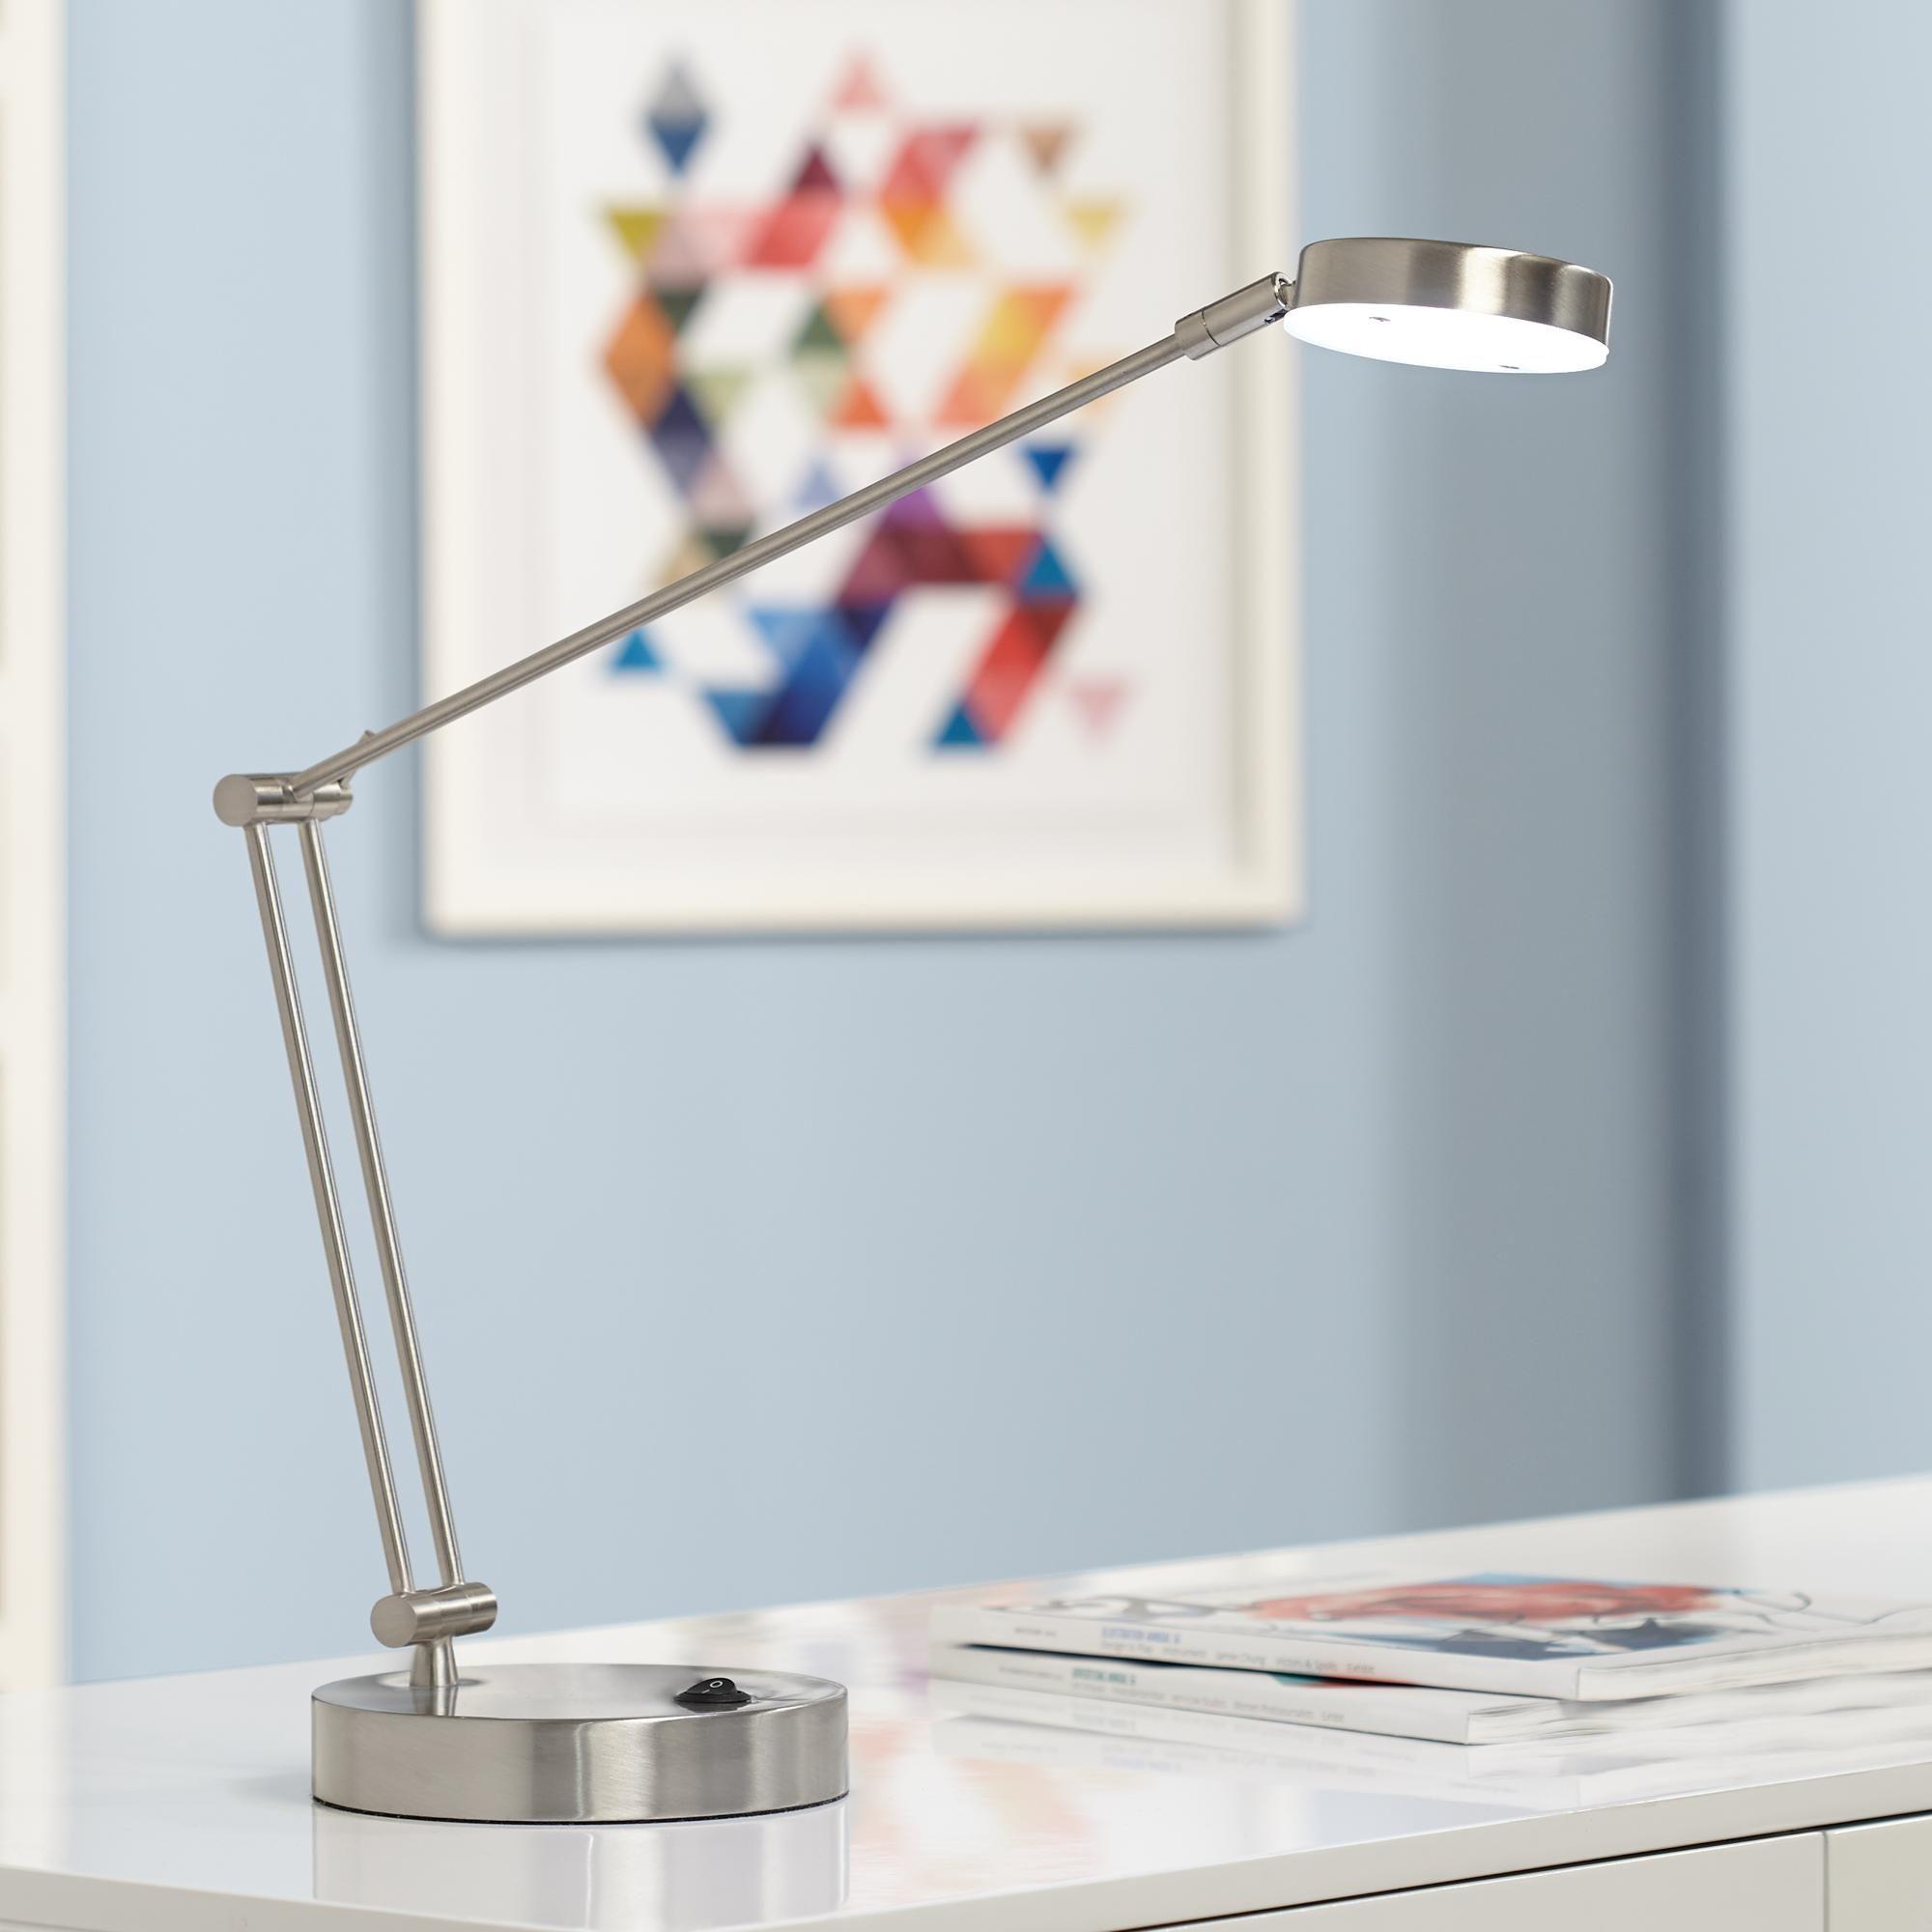 Jarrett Satin Nickel Contemporary Adjustable Led Desk Lamp 3k798 Lamps Plus Led Desk Lamp Desk Lamp Lamp